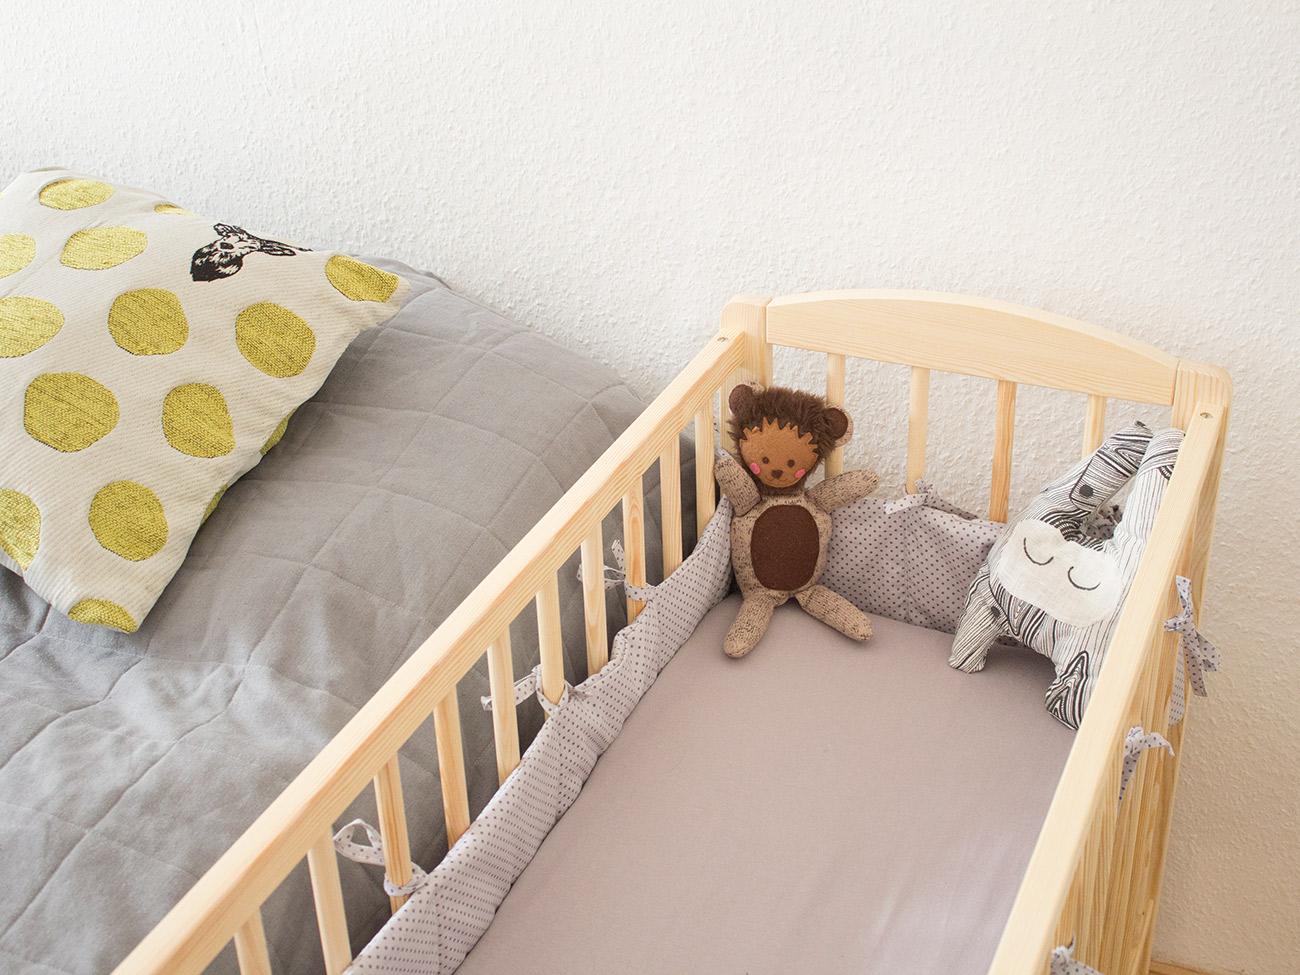 Full Size of Kinderbett Diy Kostenlose Nhanleitung Bettnestchen Bettlaken Frs Babybett Wohnzimmer Kinderbett Diy